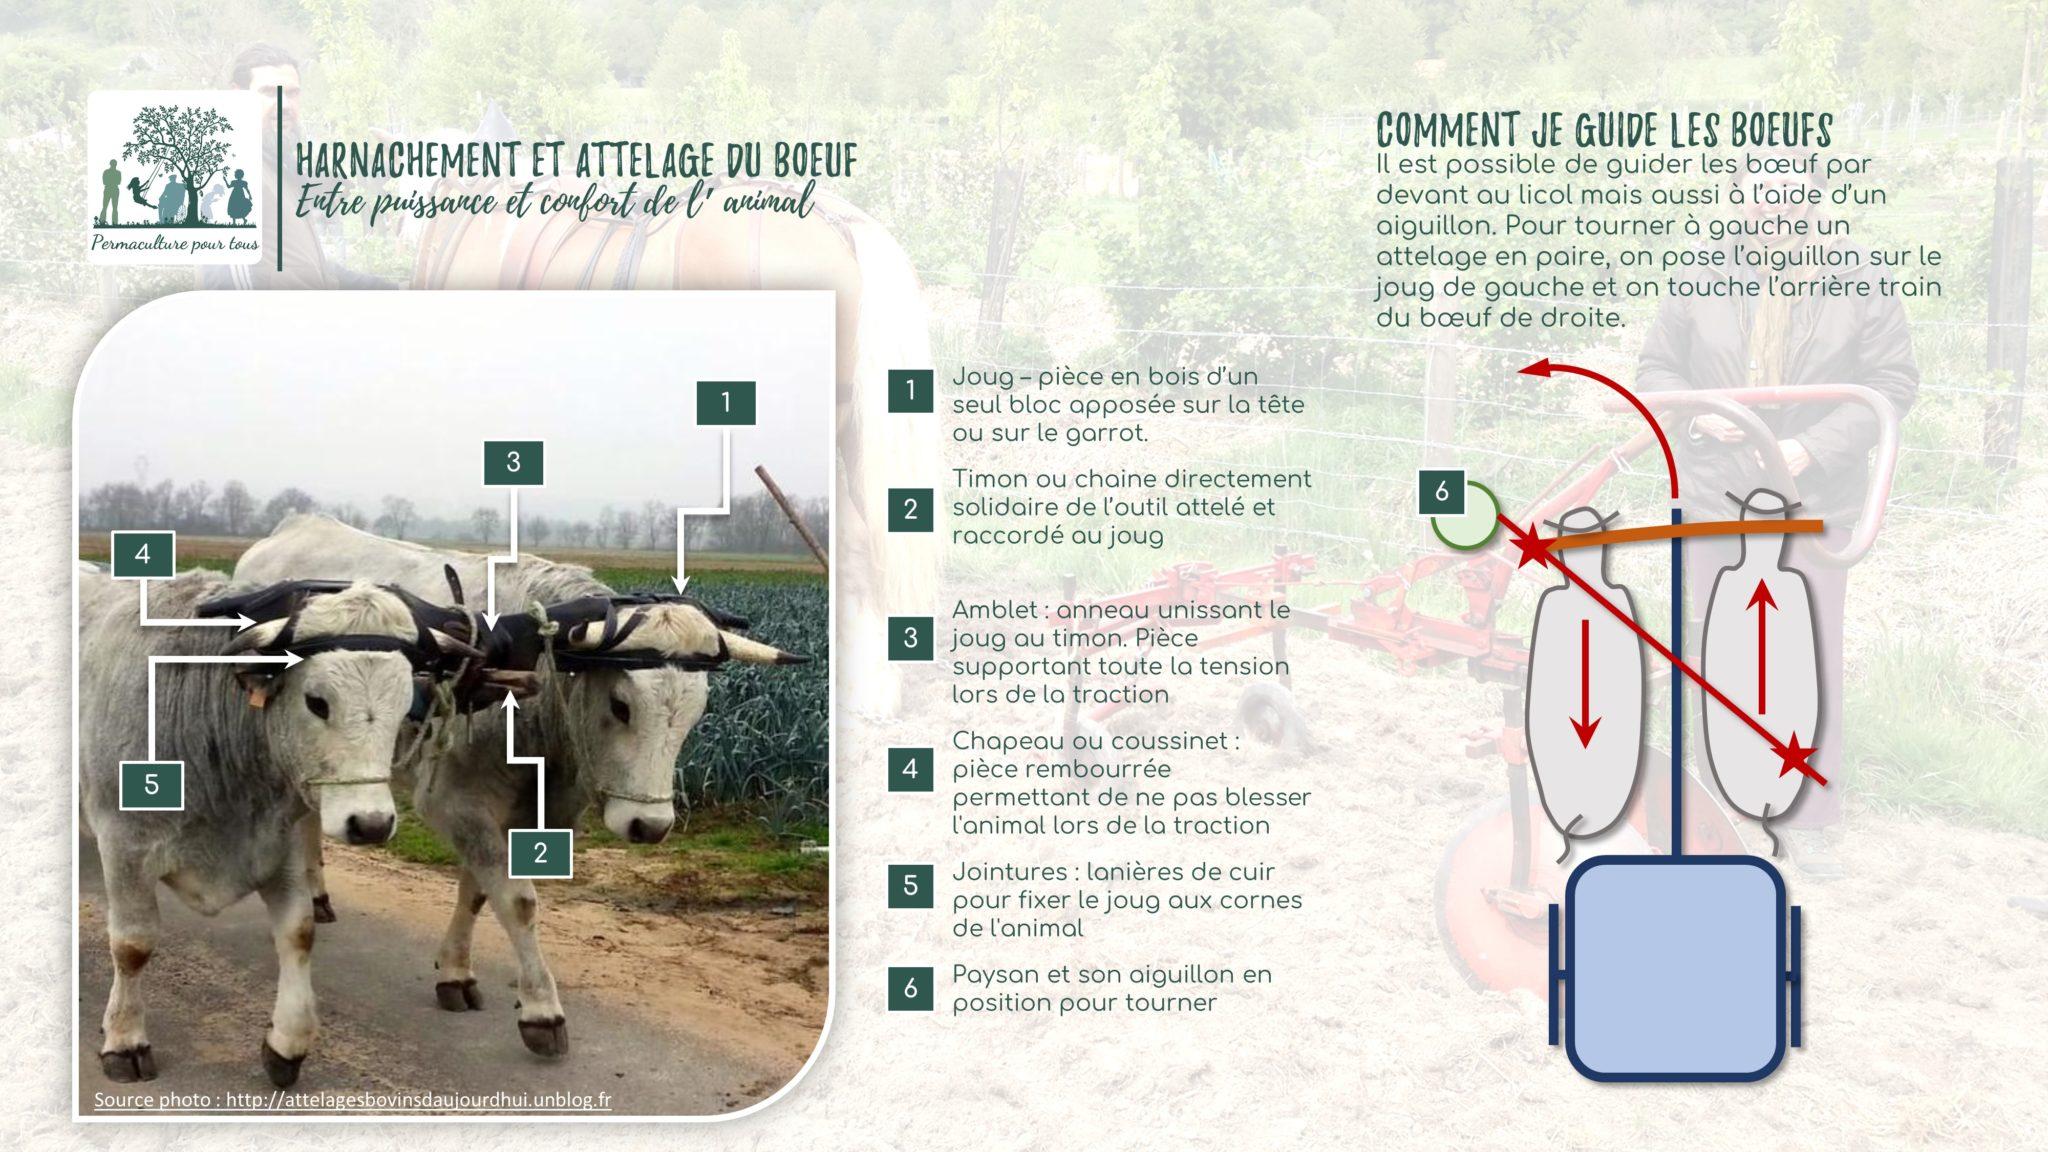 Infographie - Harnachement et attelage des bœufs